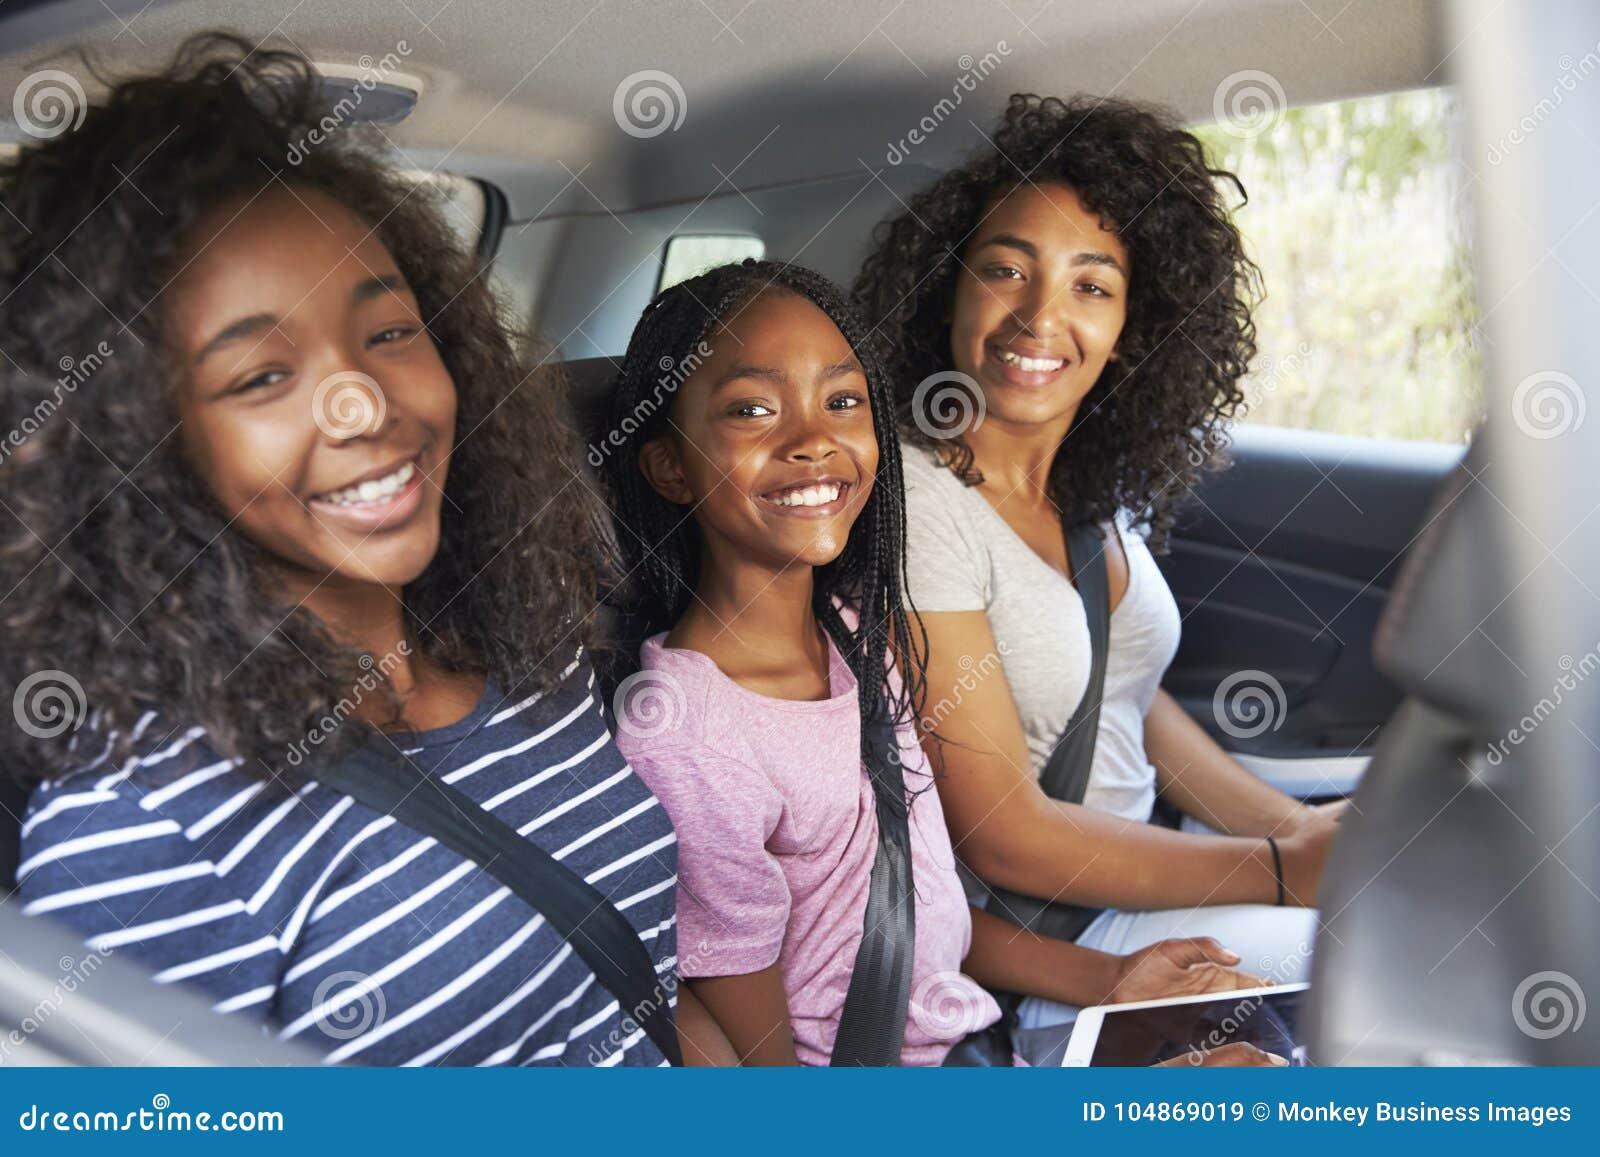 Retrato da família com as crianças adolescentes no carro na viagem por estrada